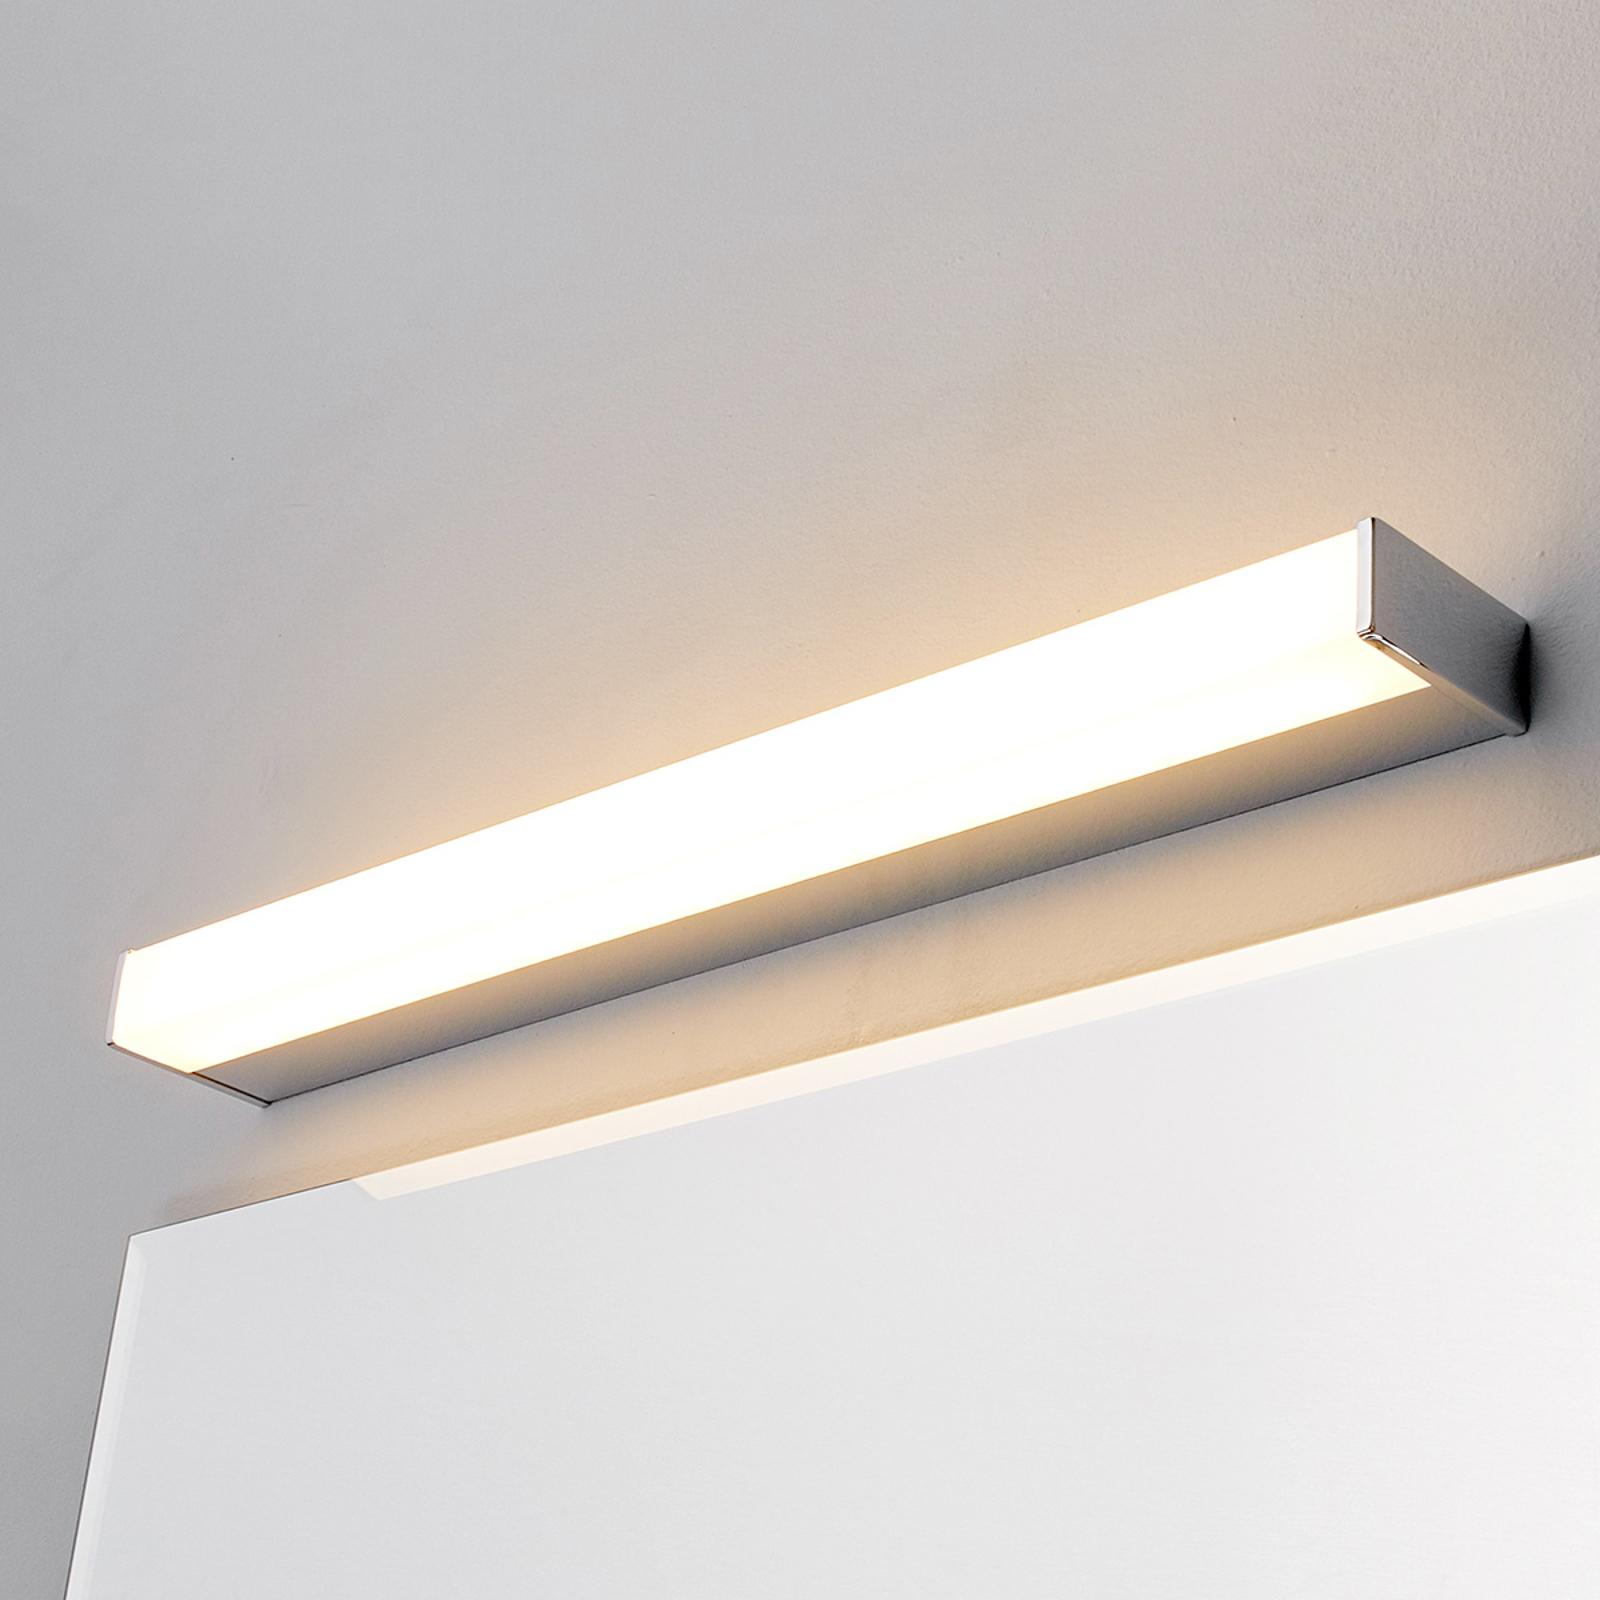 LED-Bad- und Spiegelleuchte Philippa eckig 58cm